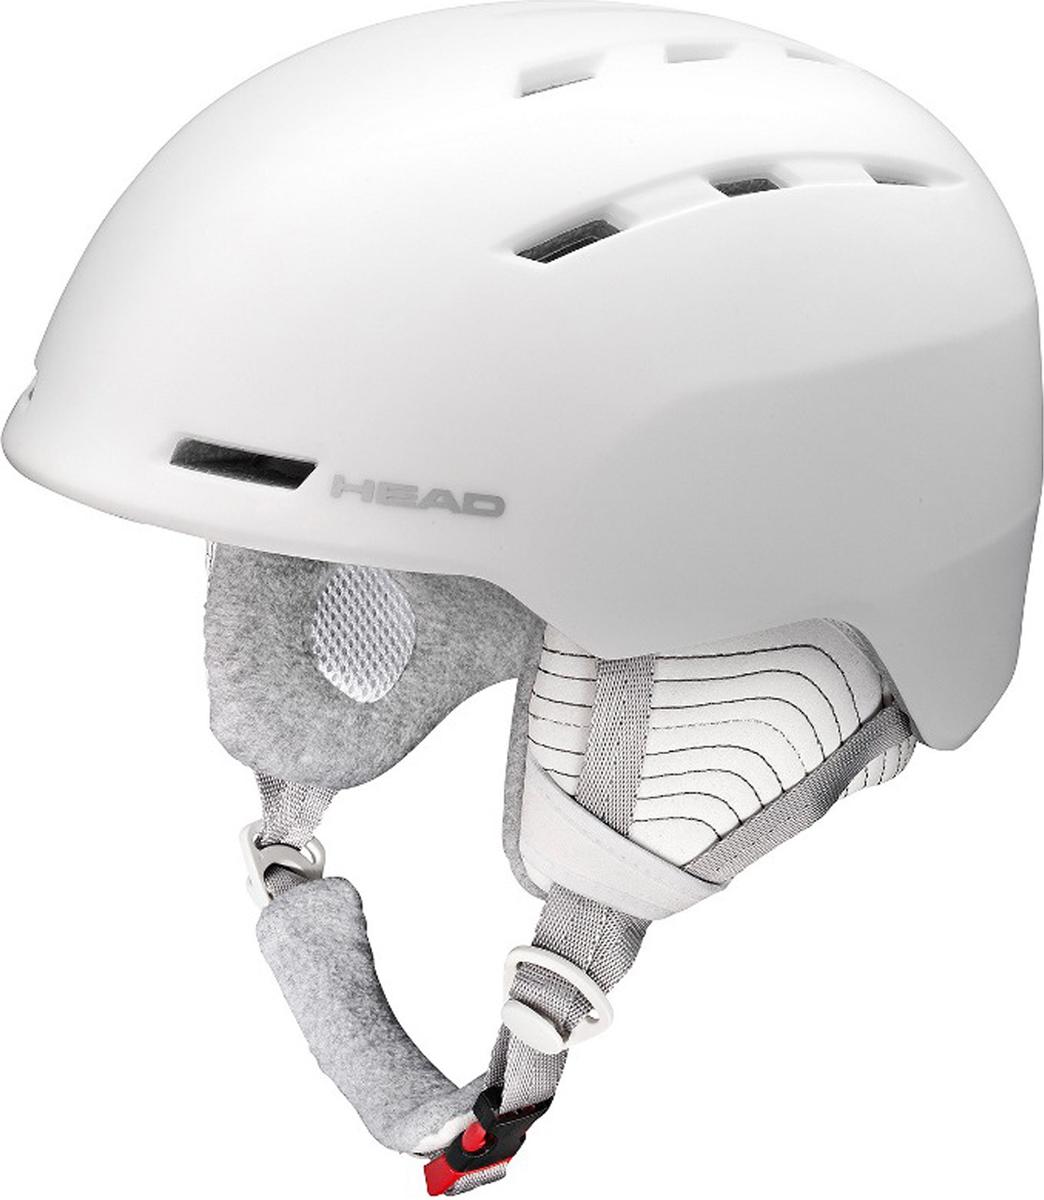 Шлем горнолыжный/сноубордический женский Head  Valery . Размер M/L (56-59) - Горные лыжи